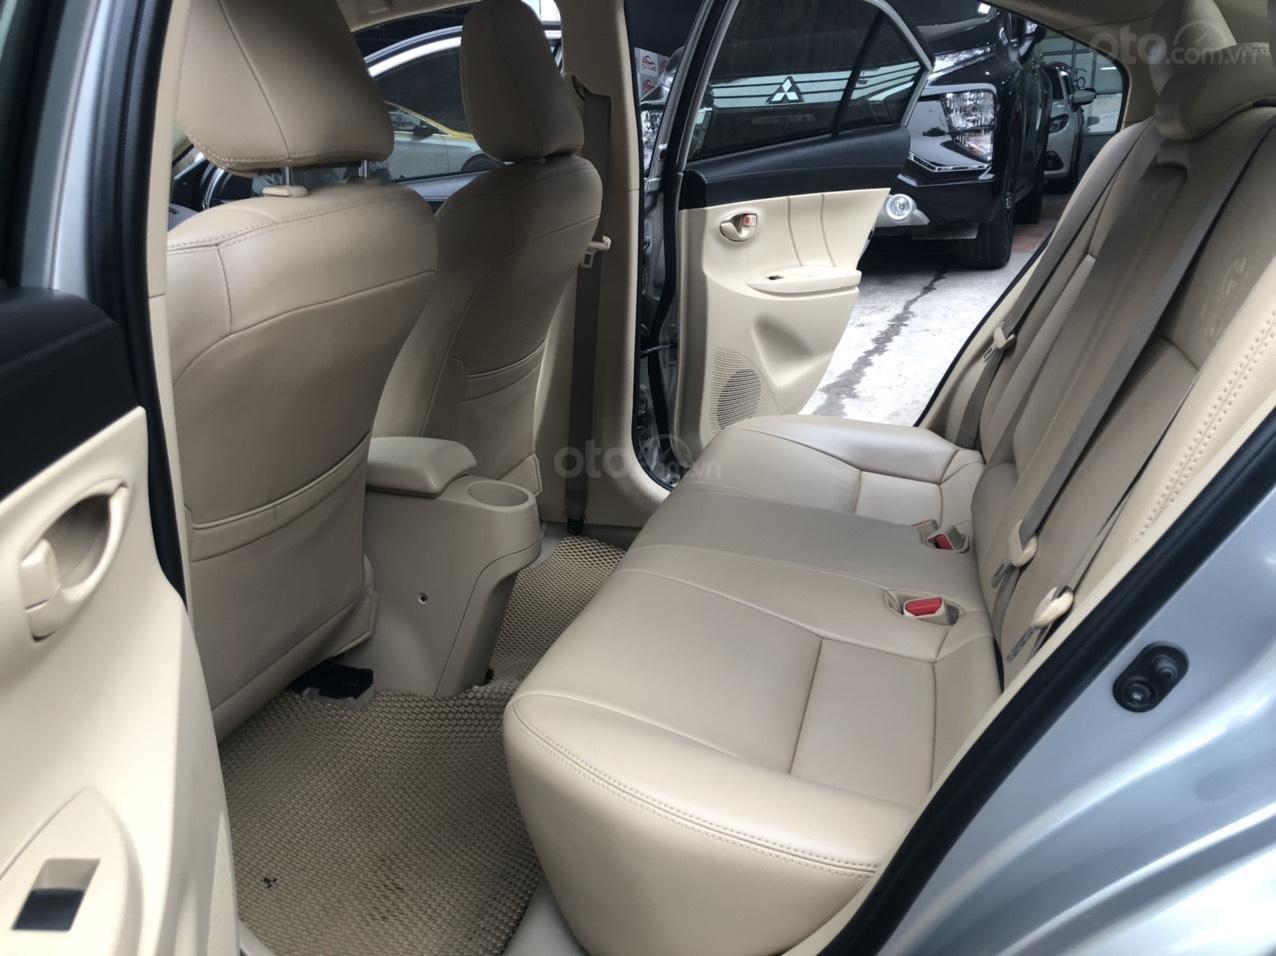 Bán nhanh Toyota Vios E AT đời 2018 màu bạc, xe chất biển TP, xe đẹp, nguyên zin không kinh doanh, chạy hơn 30000km (10)